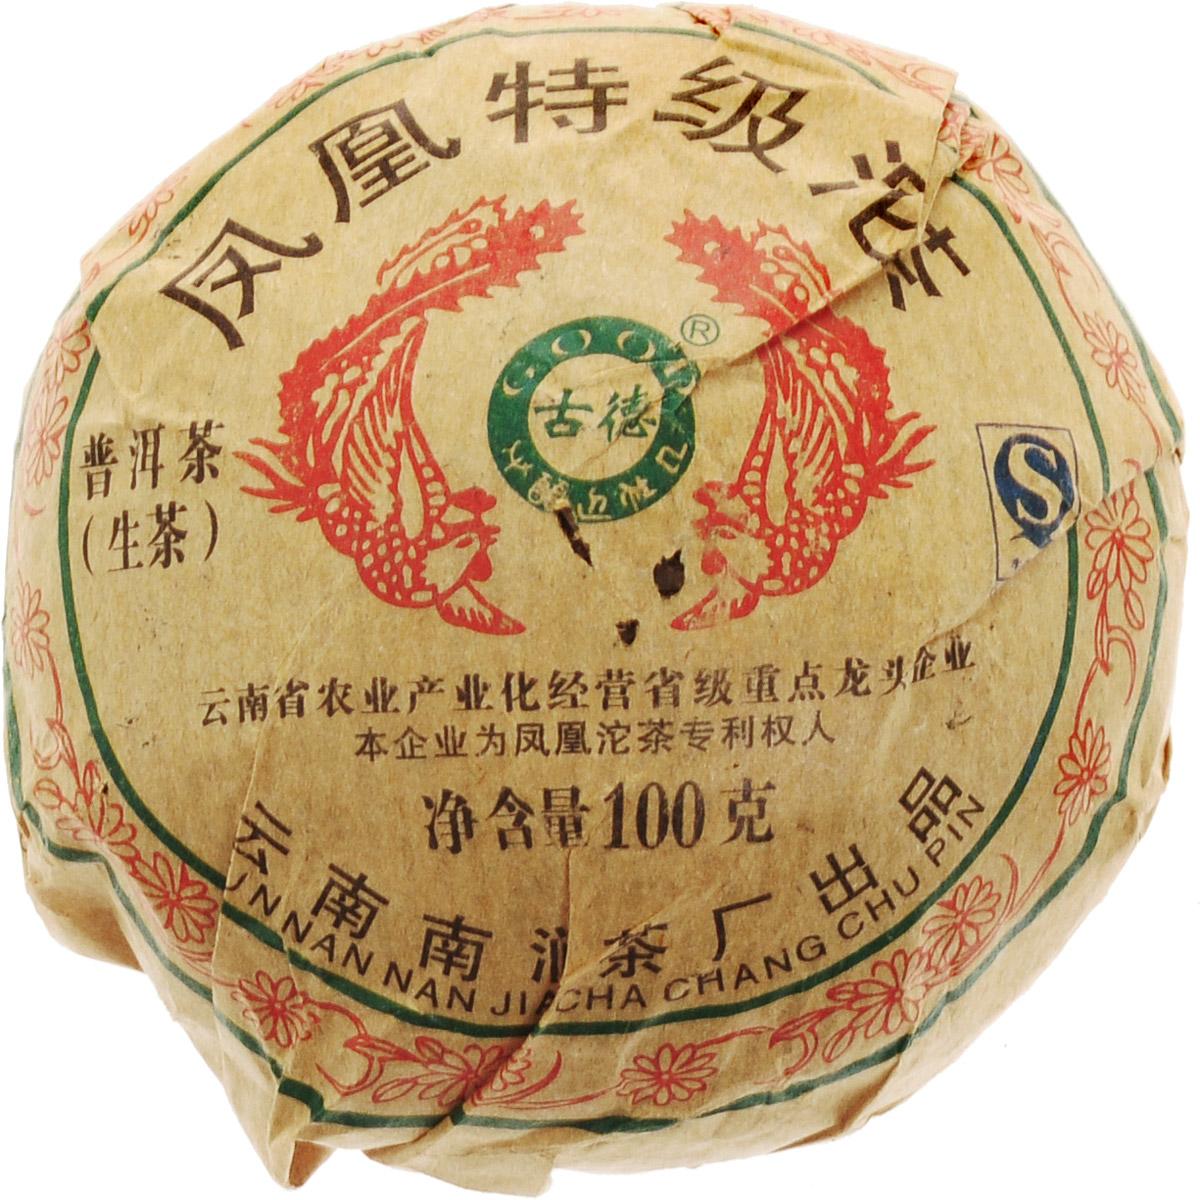 Чай Пуэр Шэн Фениксовая точа 2014 год, 100 г0120710Вкус чая Чай Пуэр Шэн Фениксовая точа интригует. В нем доминируют интеллигентная копченость, древесно-хвойные оттенки, однако основной фон составляют сухофрукты, главными среди которых можно выделить красные яблоки и груши. Еще одной из характеристик вкуса этого чая можно назвать его игристость, свежесть. Чай пьется легко, мягко проникая внутрь и даря радостные моменты ощущения здорового состояния организма. Фениксовая точа - это новая точка на карте географии чая Пуэр. Любители чая Пуэр привыкли к распространенным вкусам из других регионов – Сишуан Баньны, Линьцана, Пуэра, и этими продуктами вы можете обогатить ваш чайный мир. Встречайте – серия шу и шэн пуэров под брендом Фениксовая точа из округа Дали. Поскольку погода в этом регионе более сурова (если так можно выразиться относительно к тропикам и субтропикам), вкус этого чая конечно впитывает это качество. Собранное в горах Уляньшань (в той ее части, которая относится к Дали) чайное сырье привлекает к себе внимание, прежде всего, непохожестью ни на что.Во вкусе можно отчетливо обнаружить хвойные и древесные, а порой смолистые ароматы, с легким, как бы осторожно пробивающимся через них сладковатым послевкусием. Несмотря на то, точа разделывается всегда более сложно чем другие формы чая Пуэр, эти продукты не имеют такой плохой привычки. Сырье спрессовано слой за слоем и очень легко, конечно не без помощи специального шила, отделается друг от друга. Купажисту этого предприятия удалось очень удачно подсветить вышеупомянутые оттенки вкусов и придать им свежести. Такой чай хочется пить и пить. Предлагаем и вам отправиться в путешествие по вкусовой палитре чая Пуэр! Рекомендации по завариванию: отломите 3-5 г чая при помощи ножа или чайного шила. Залейте кипяток в чайник до половины на 10-15 секунд, а затем слейте полученный настой. Первую промывку пить не рекомендуется. Залейте кипяток (95-100С) в чайник на 1-2 минуты. Перелейте чай в чашку и наслаждайтесь.